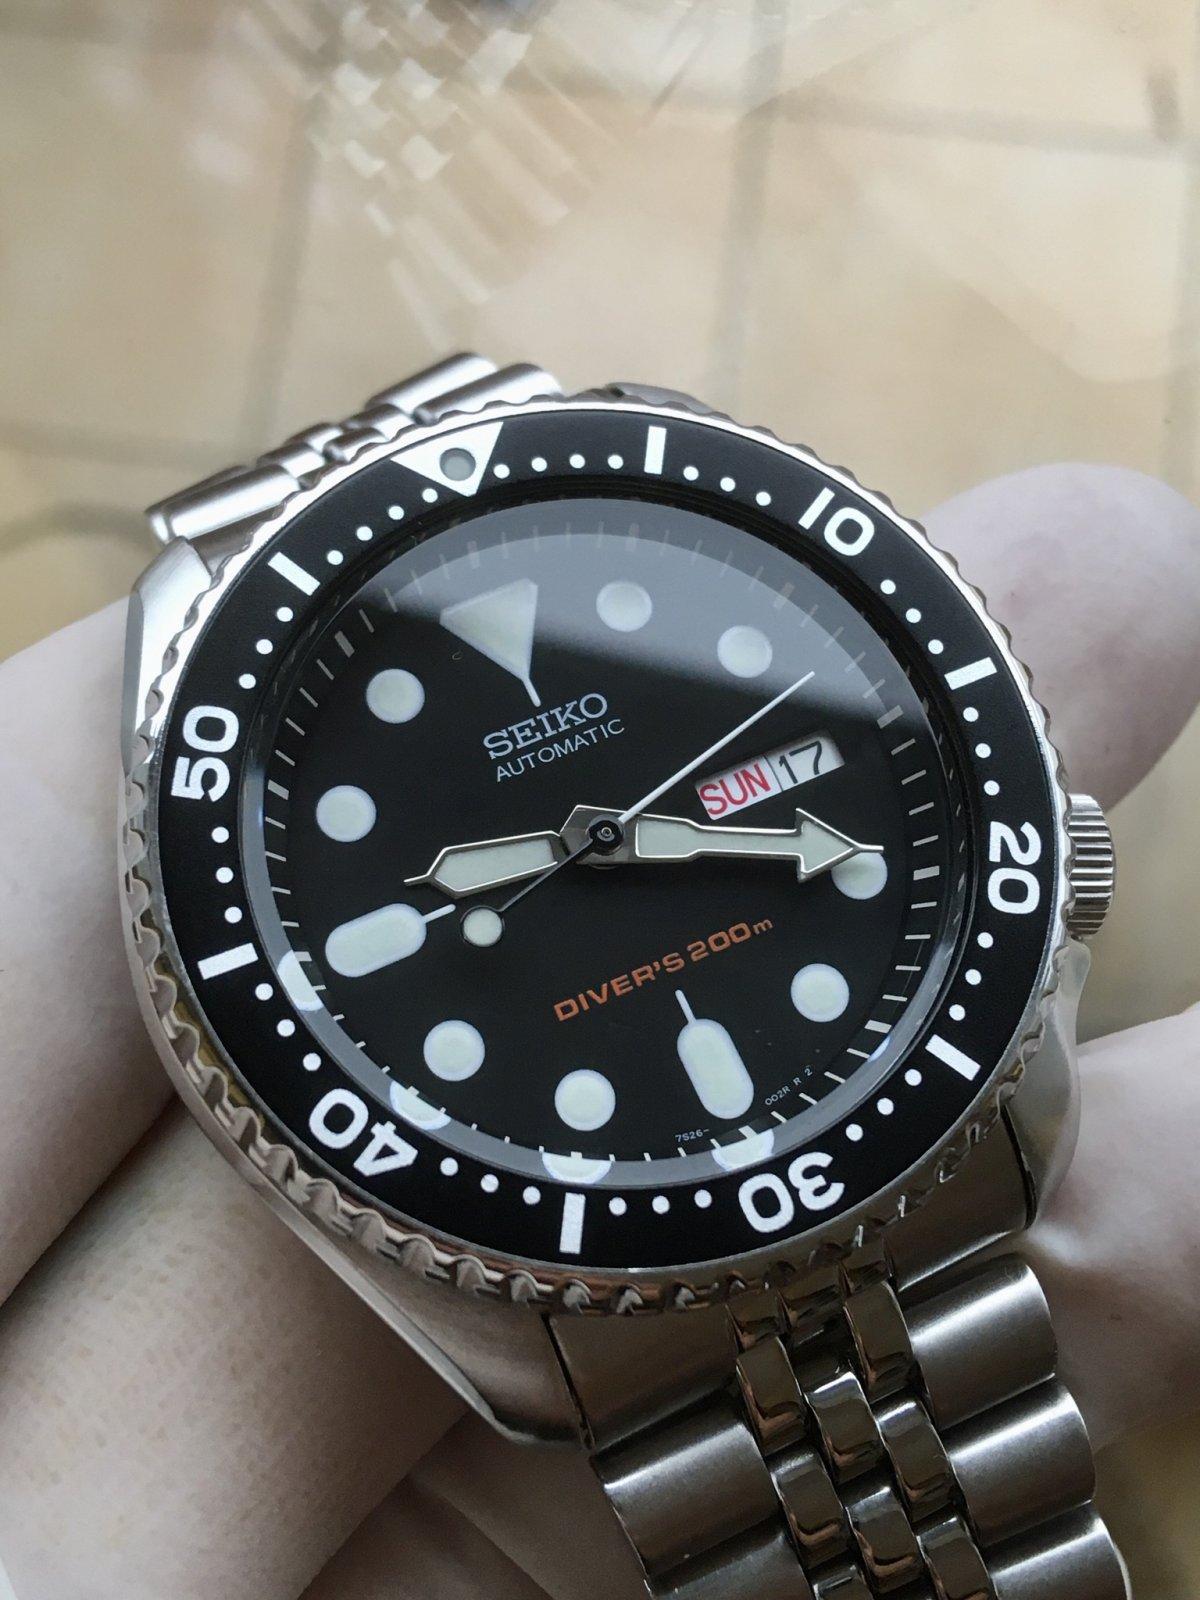 AB477AF5-72EF-4CF3-8035-9BC0BB28B253.jpeg